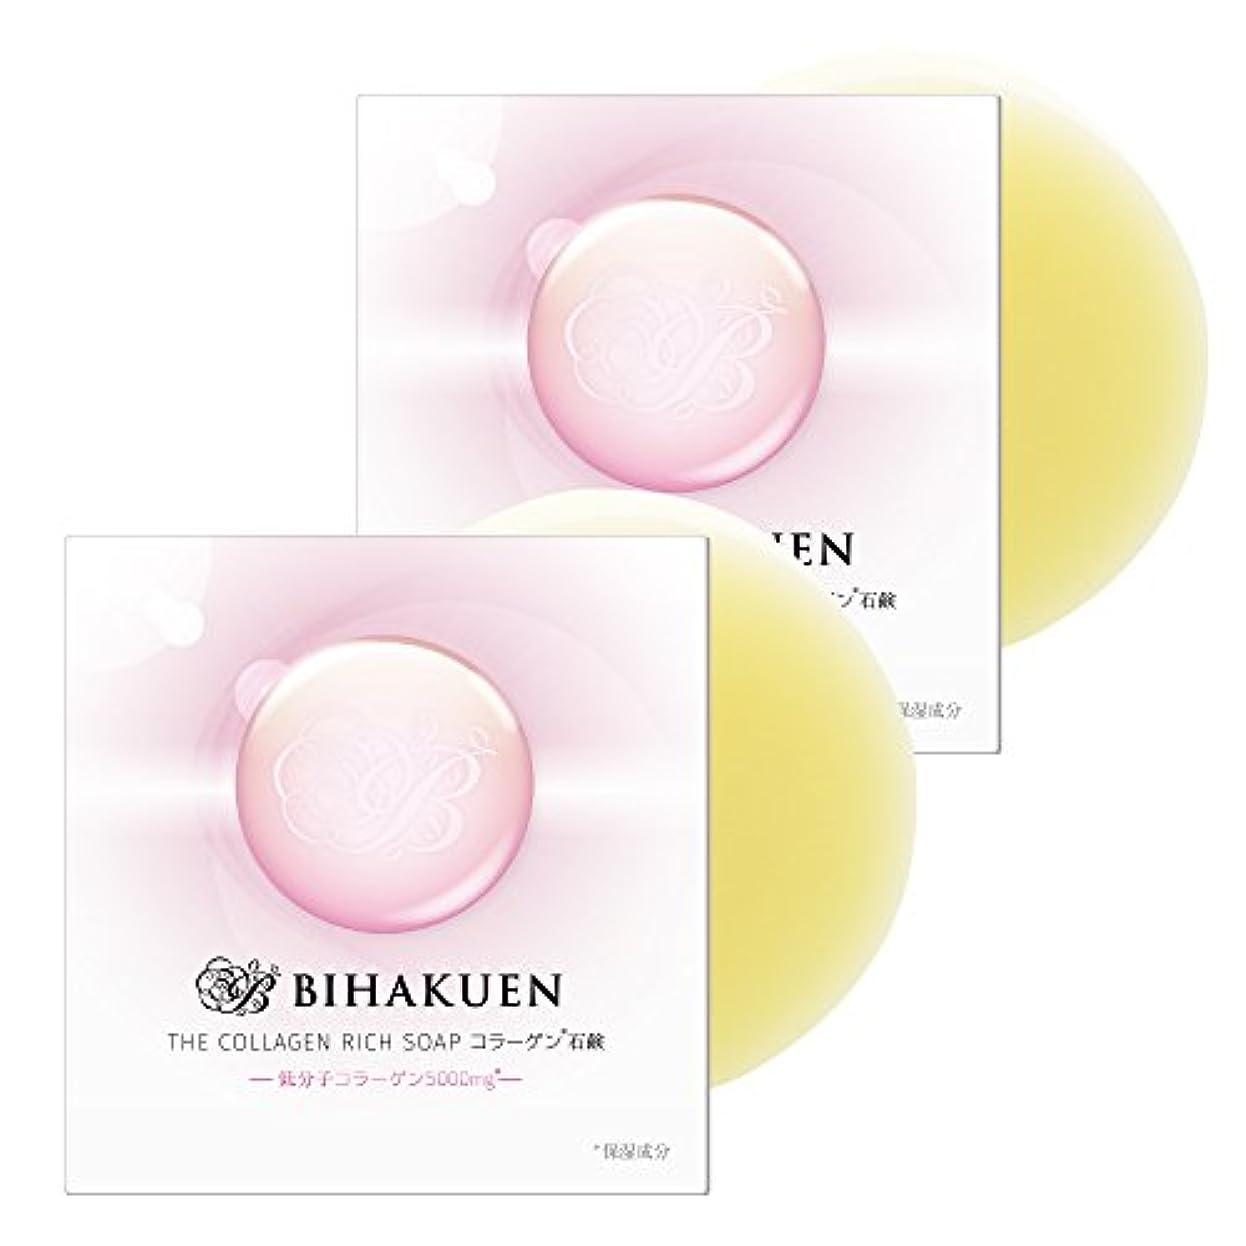 切り離すパリティなしで【2個セット】(BIHAKUEN)コラーゲン石鹸100g (2個)